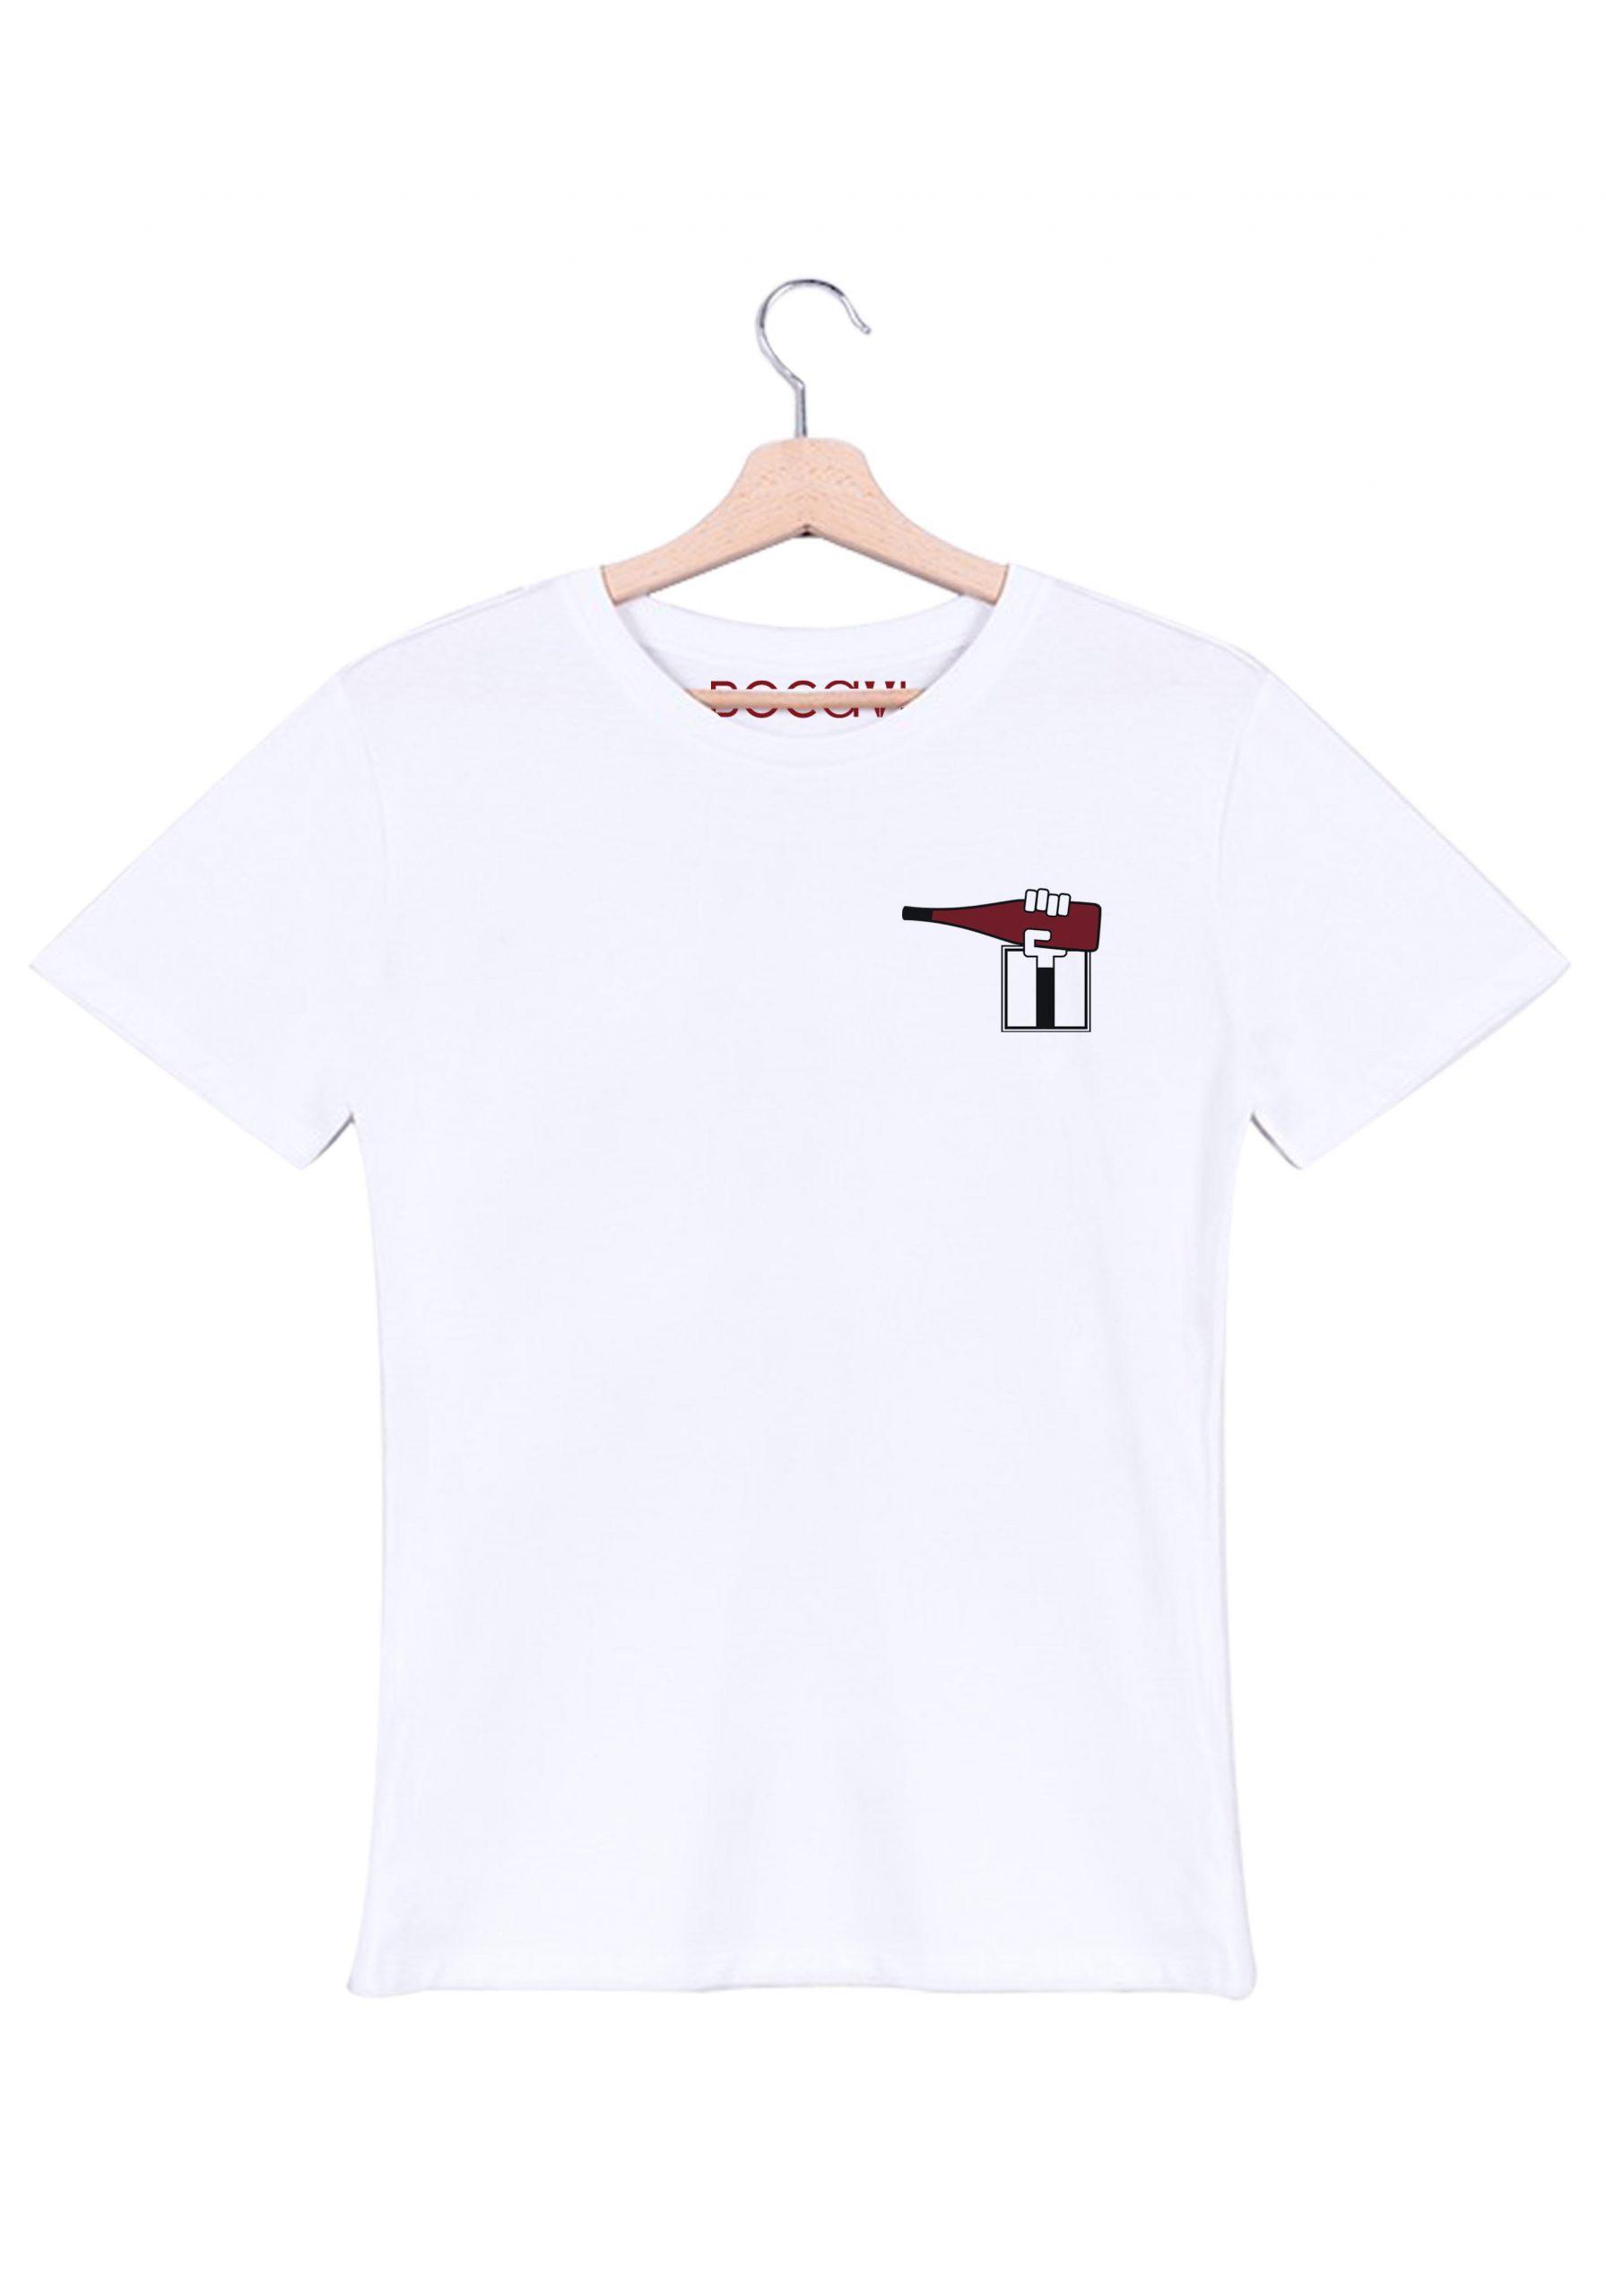 ligérienne val de loire chinon rouge t-shirt blanc homme bocavi du vin dans ta penderie bouteilles viticole vigneron wine